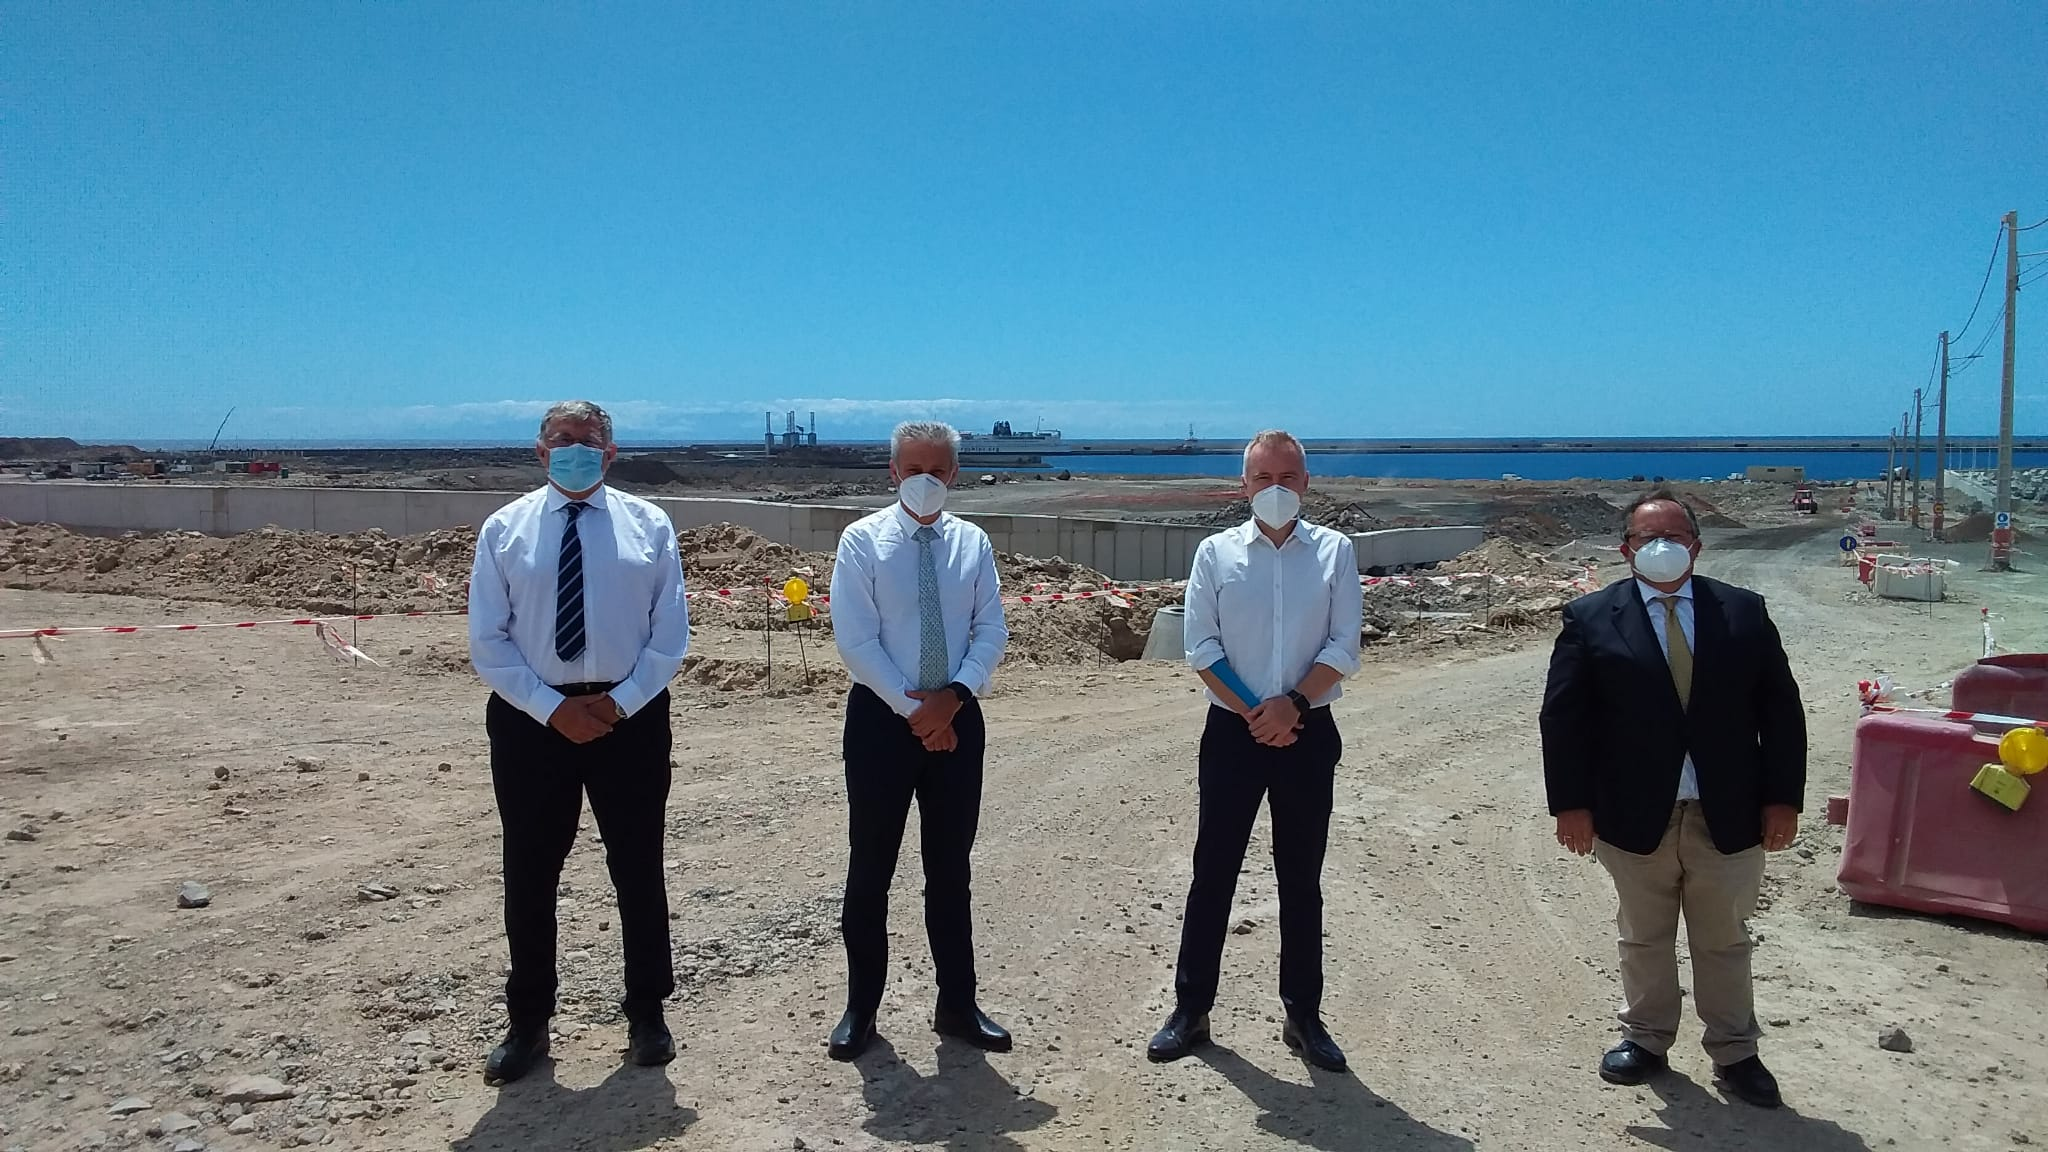 Visita del Presidente Puertos del Estado a Tenerife, foto de grupo